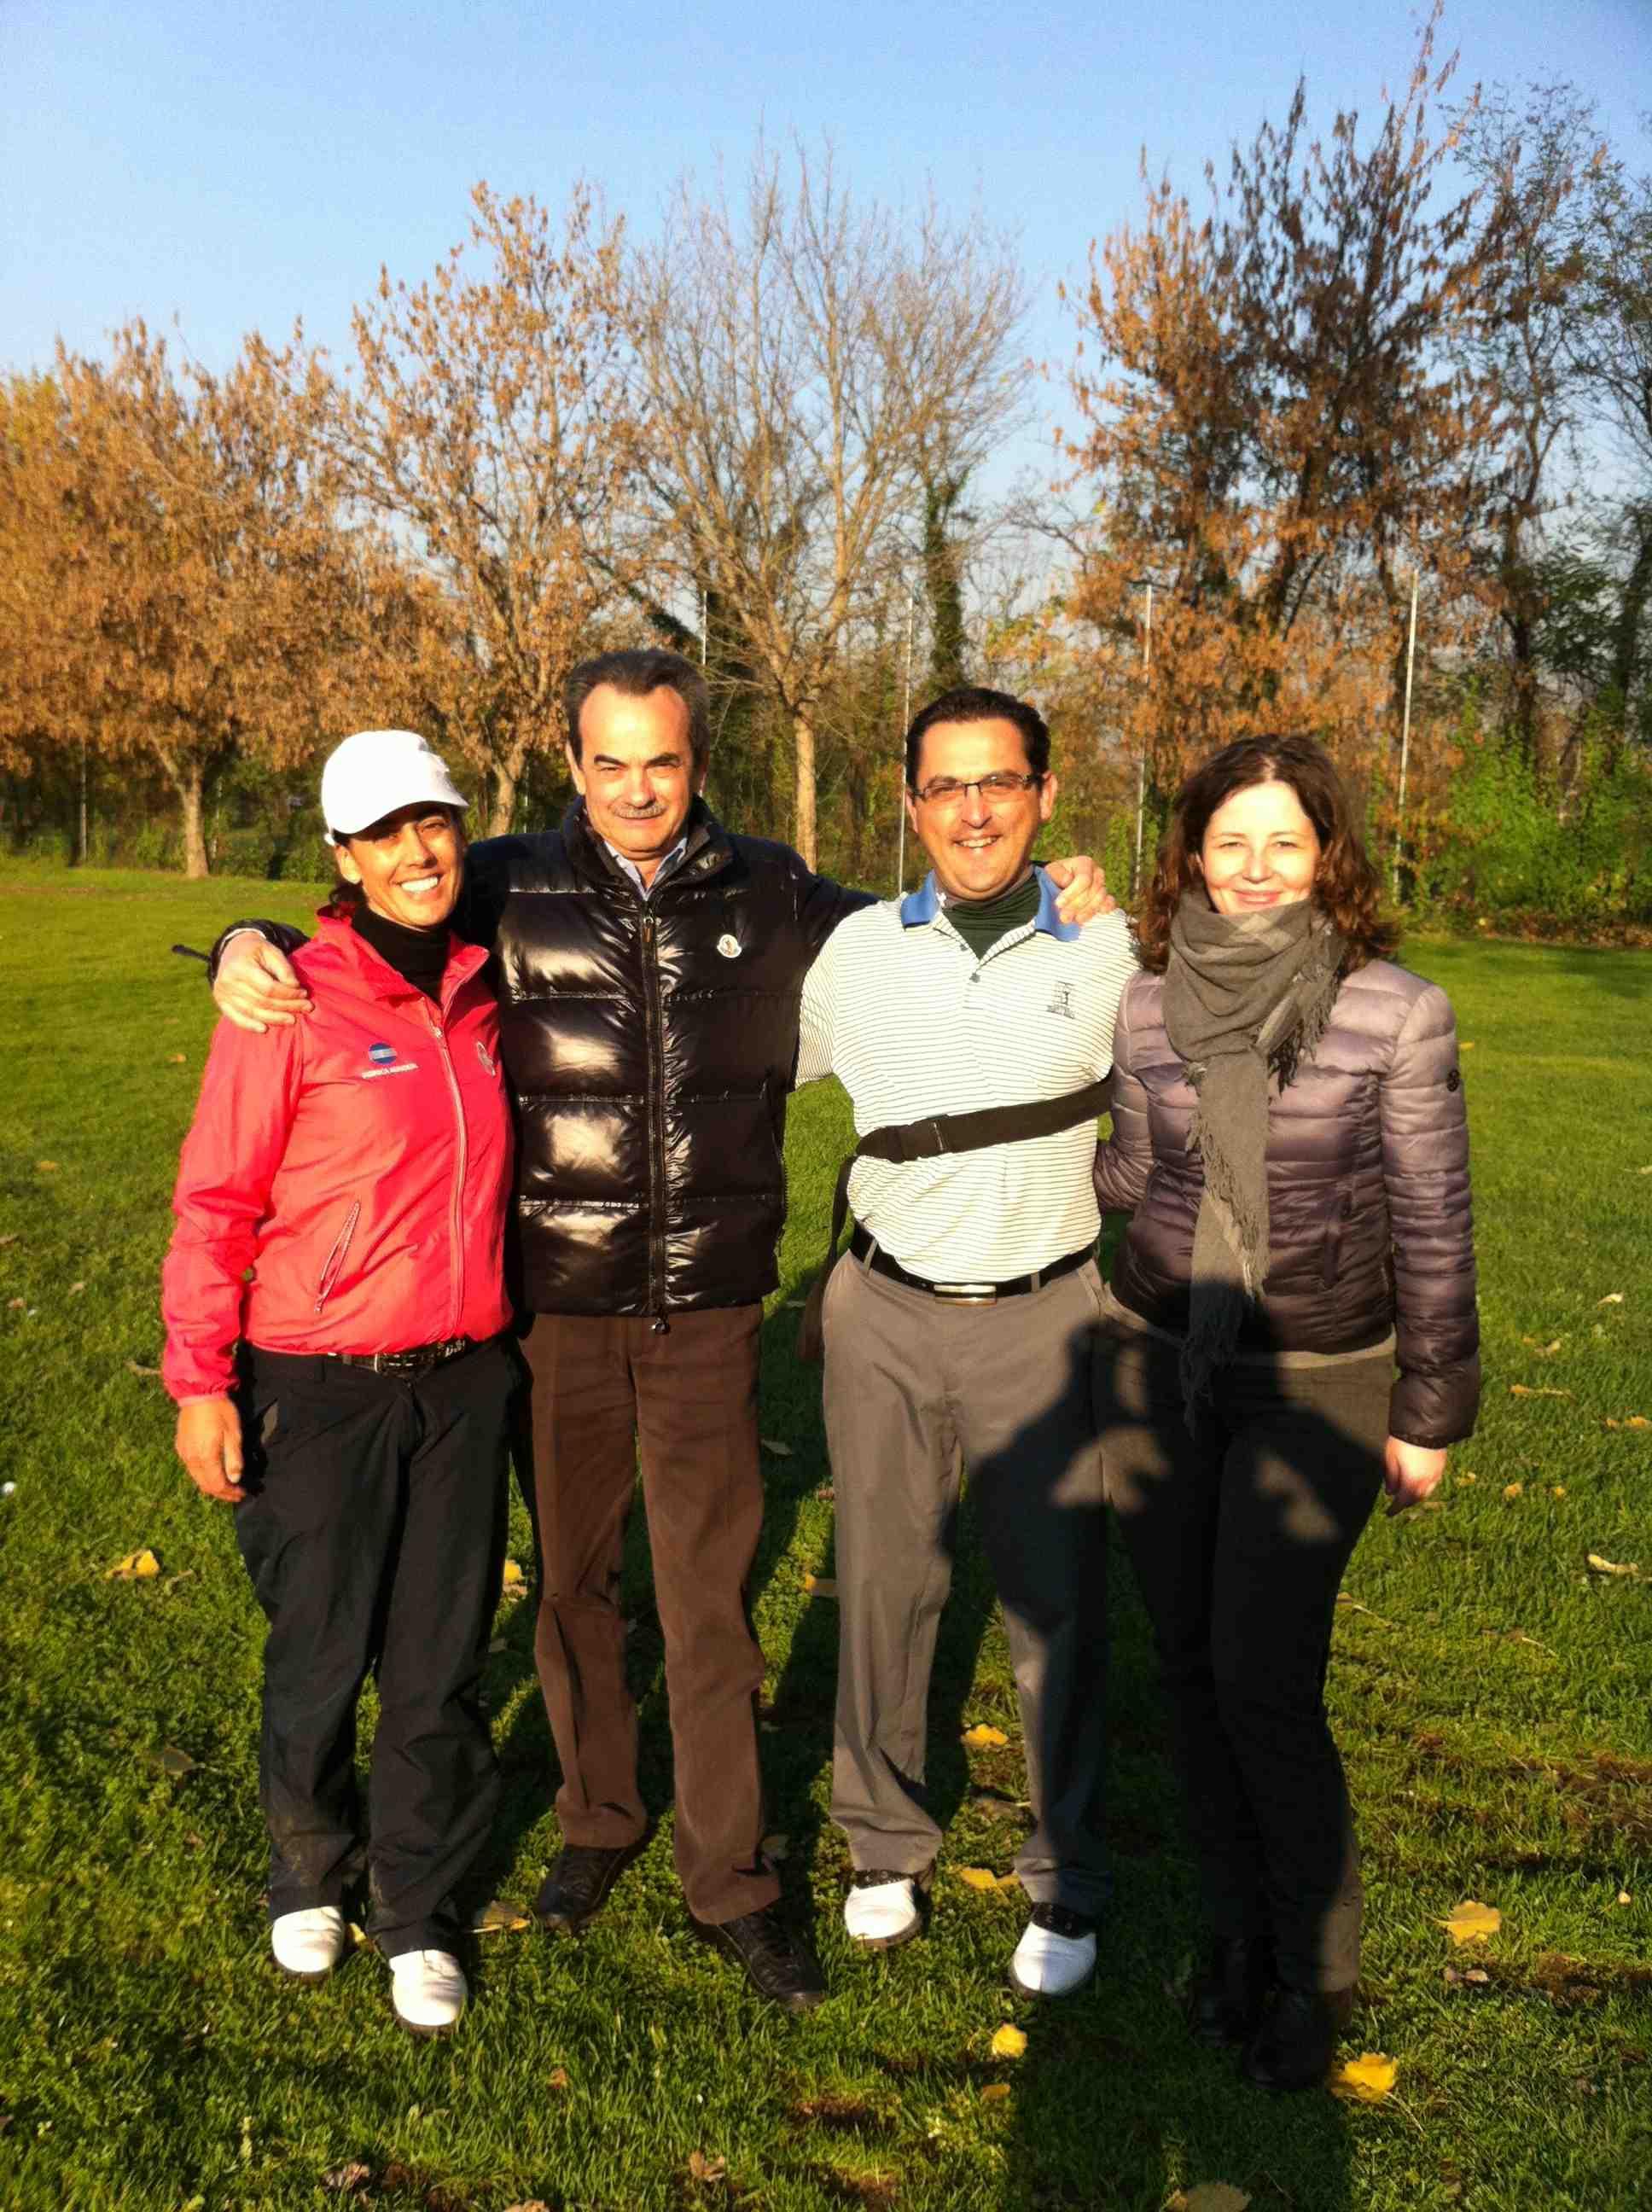 Foto ricordo in campo di Armando Pintus, Stefania Croce e Angelo Ardissone nell'ottobre 2012